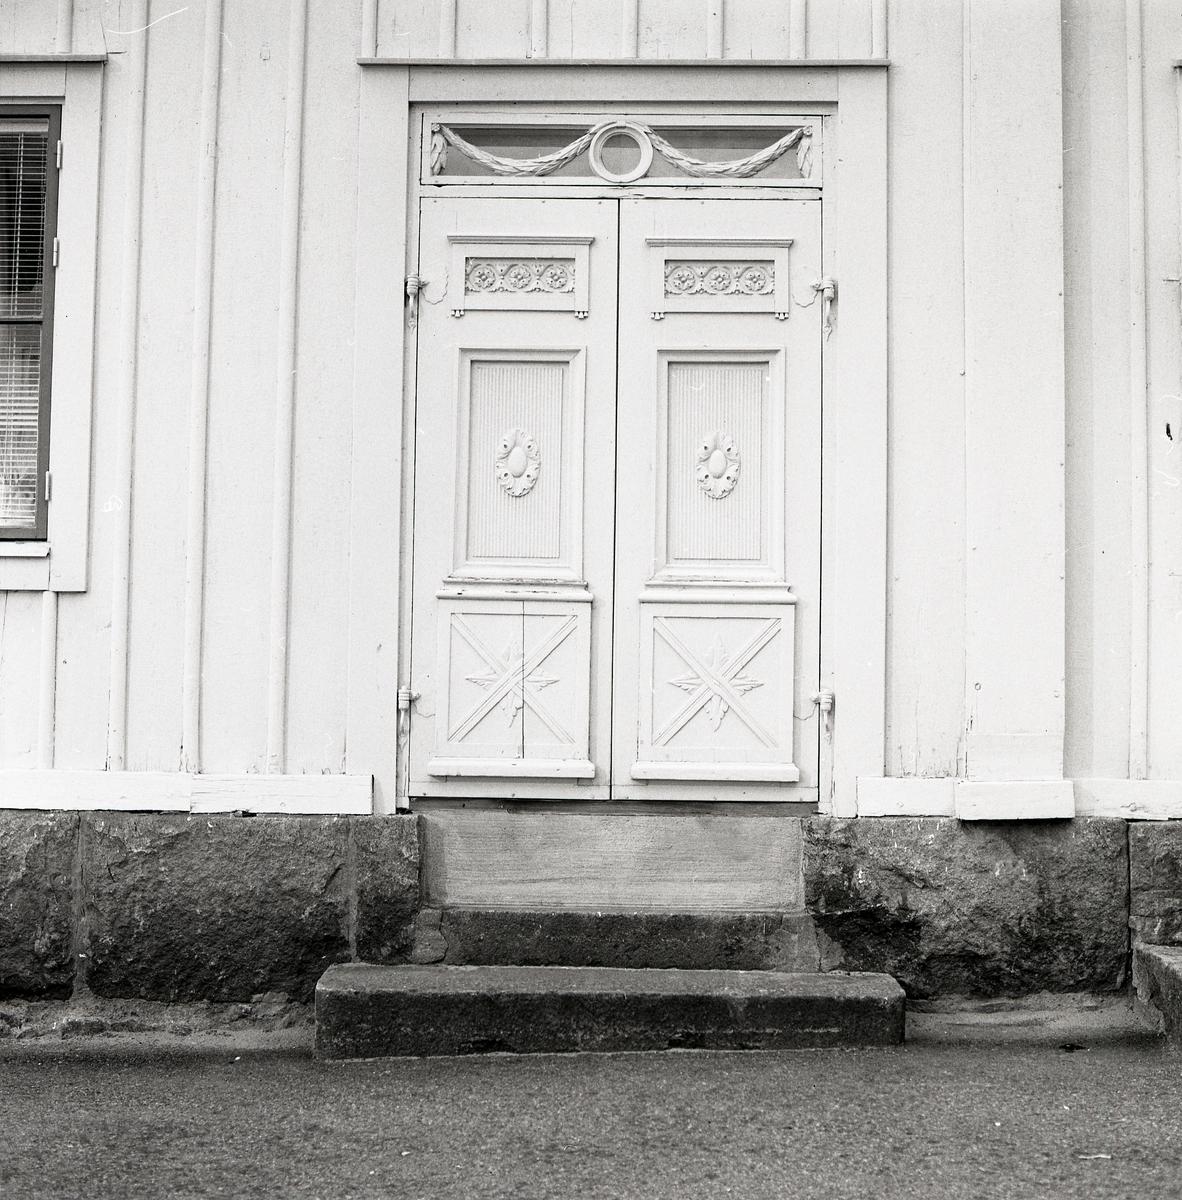 Någonstans i Hälsingland finns denna praktfulla port med dubbeldörrar. Portarna är indelade i tre fält med olika former av snideriutsmyckning. Längs upp sitter ett överljusfönster med snidade trägirlanger som ormanent. En stentrapp leder upp till dörren.